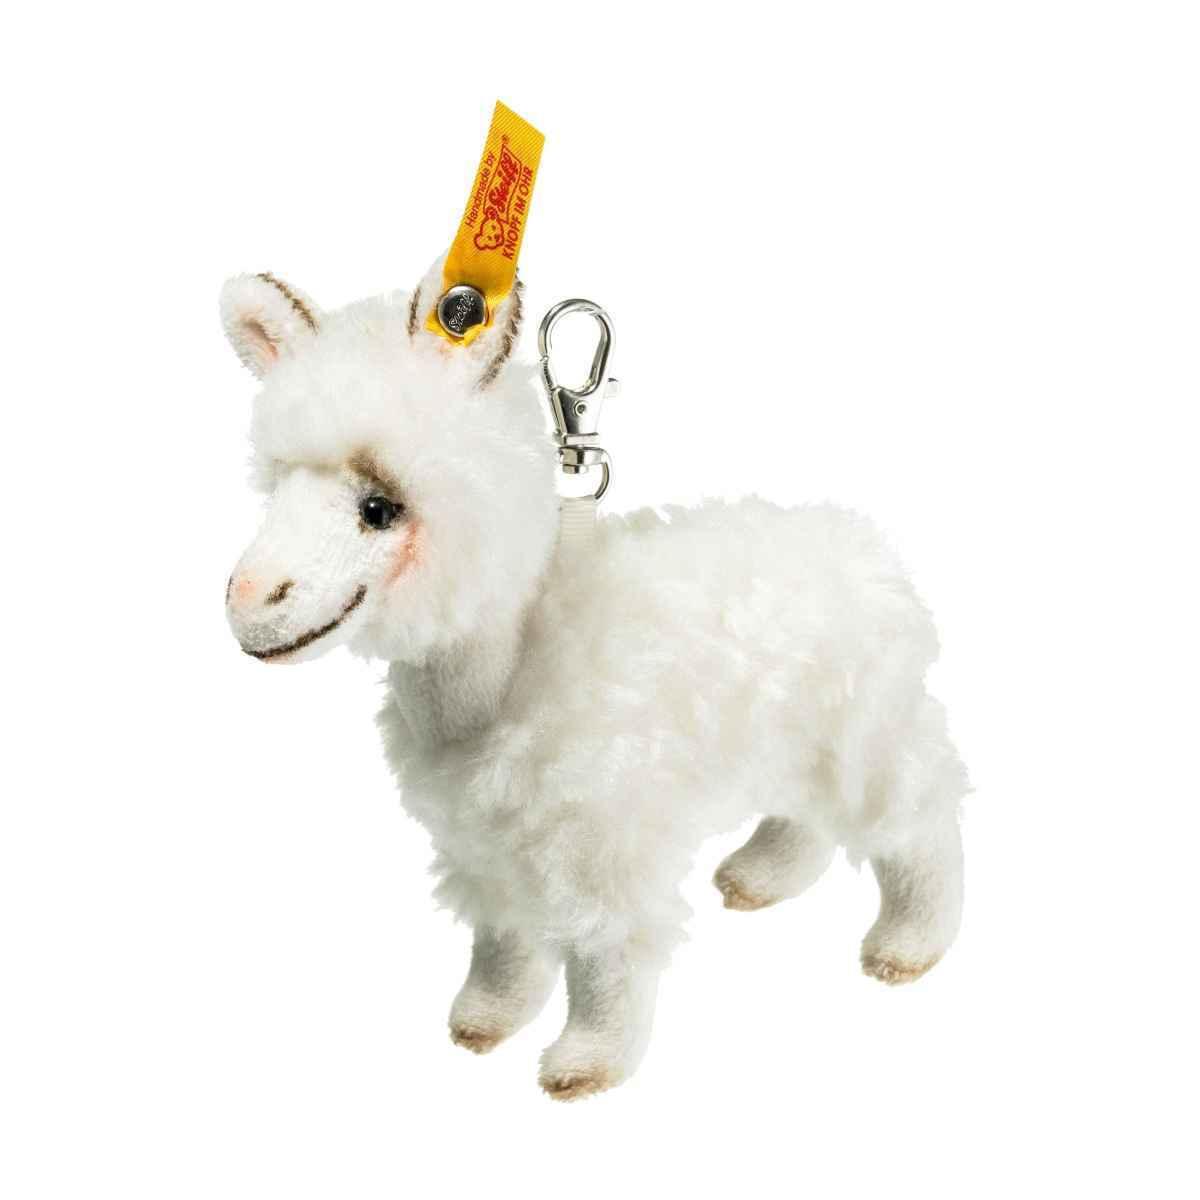 Steiff Keyring Llama Pendant  EAN 112454 Brand New Gift Present Handbag Charm